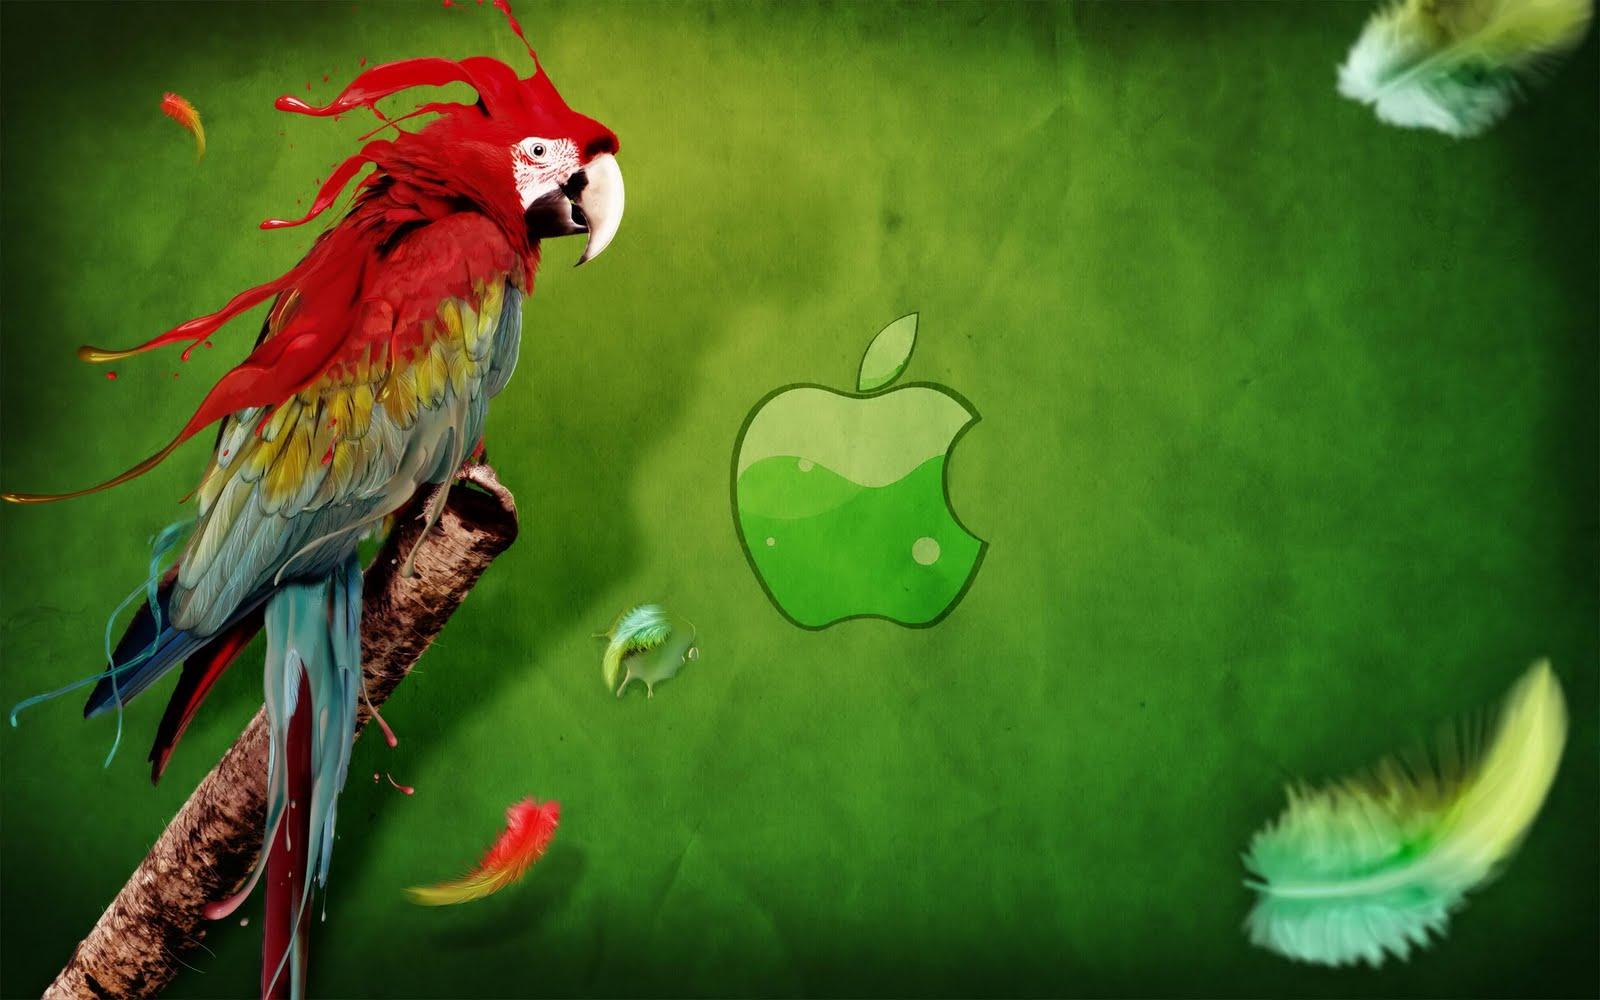 http://4.bp.blogspot.com/-6A3blU3r3Qk/TbcD-pT4h2I/AAAAAAAABhE/4OsToriMvvw/s1600/Apple_Parrot_hd_wallpaper.jpg